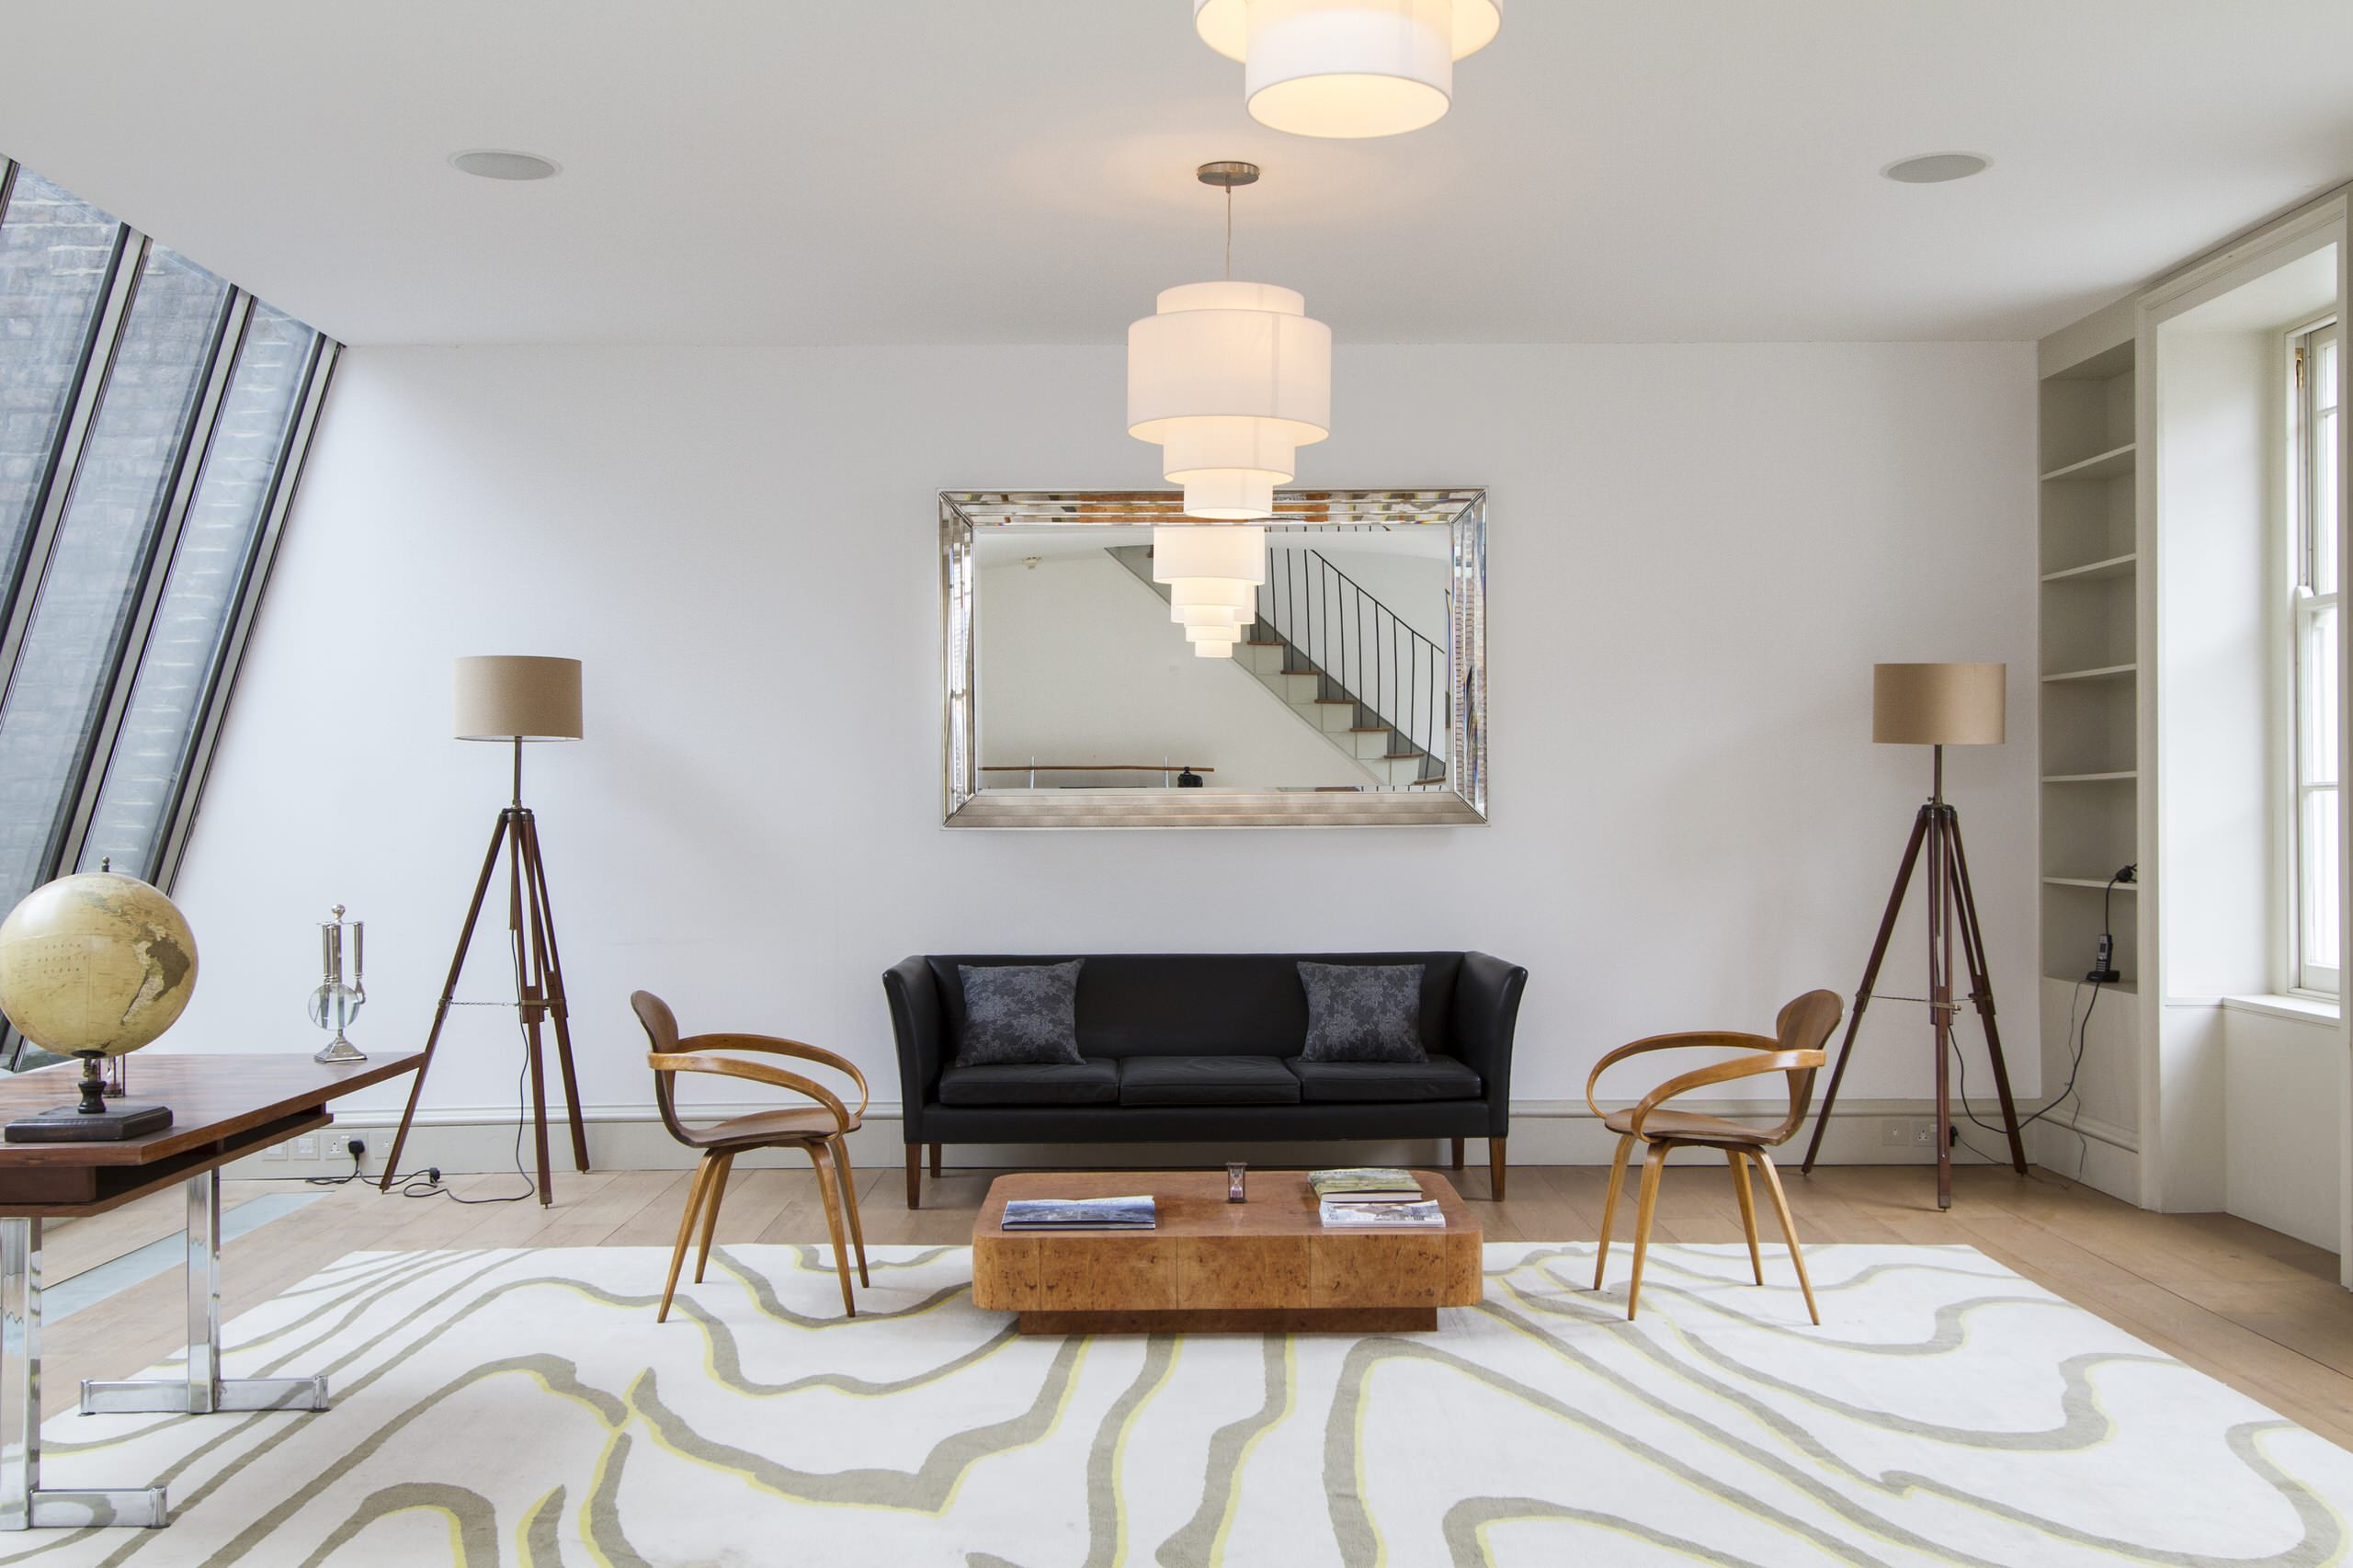 Intérieur harmonieux d'un salon spacieux dans un style classique moderne